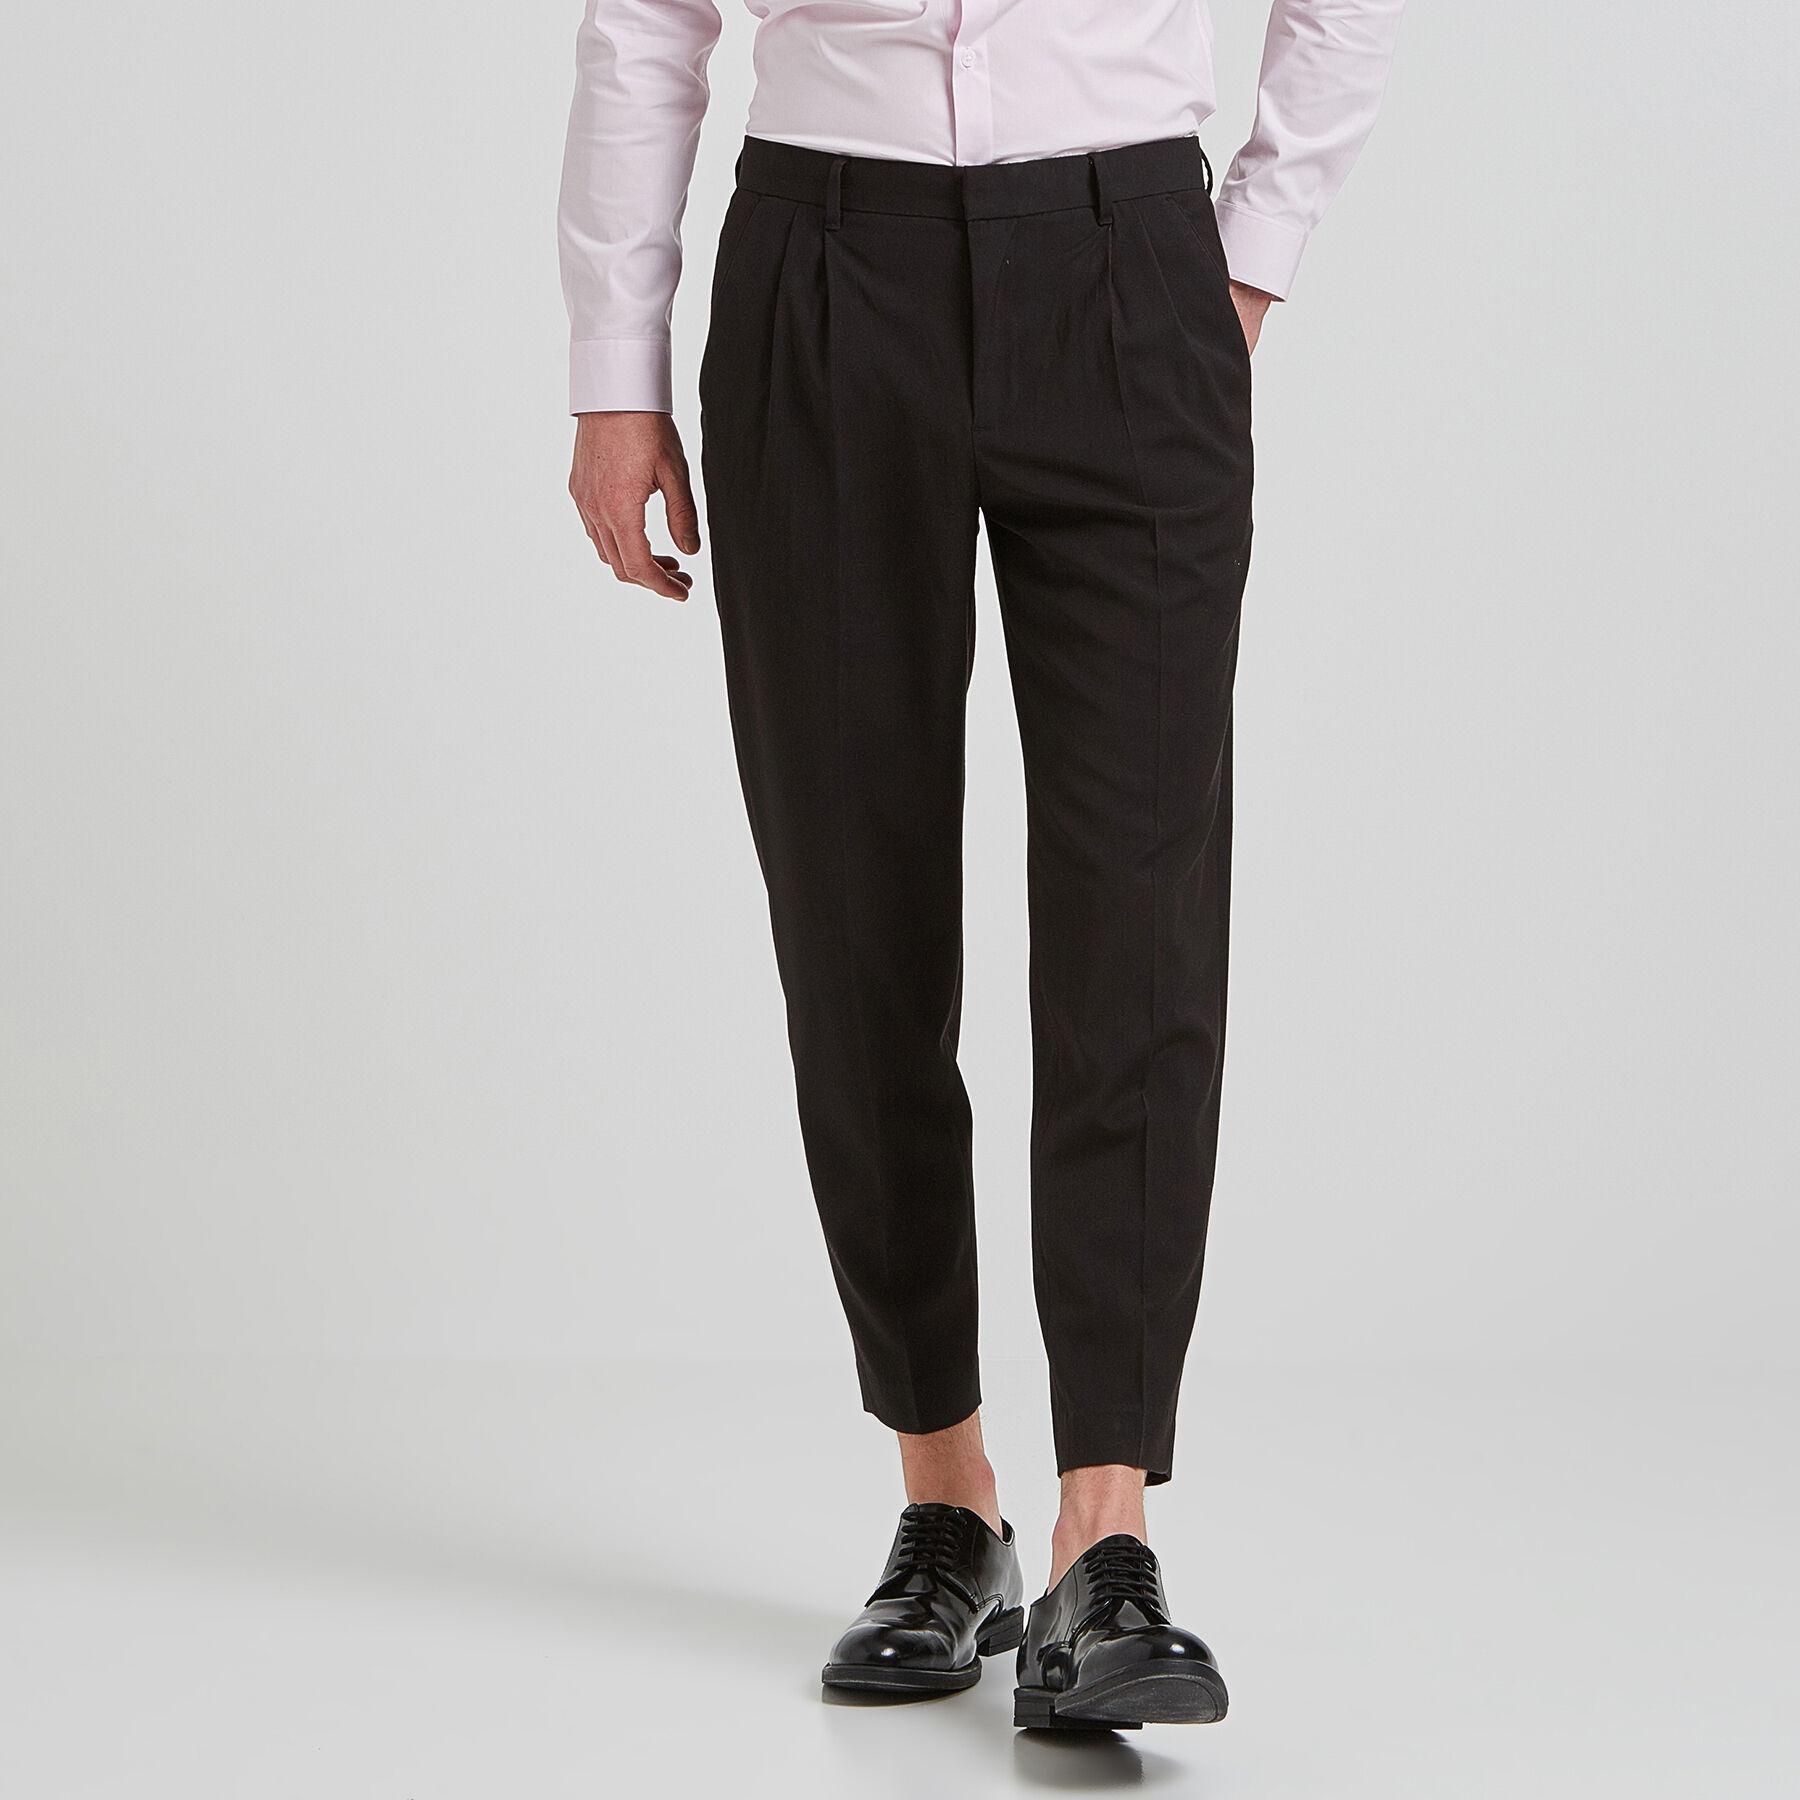 8b19cc3f441b2 Pantalon à pinces cropped Noir Homme - Jules